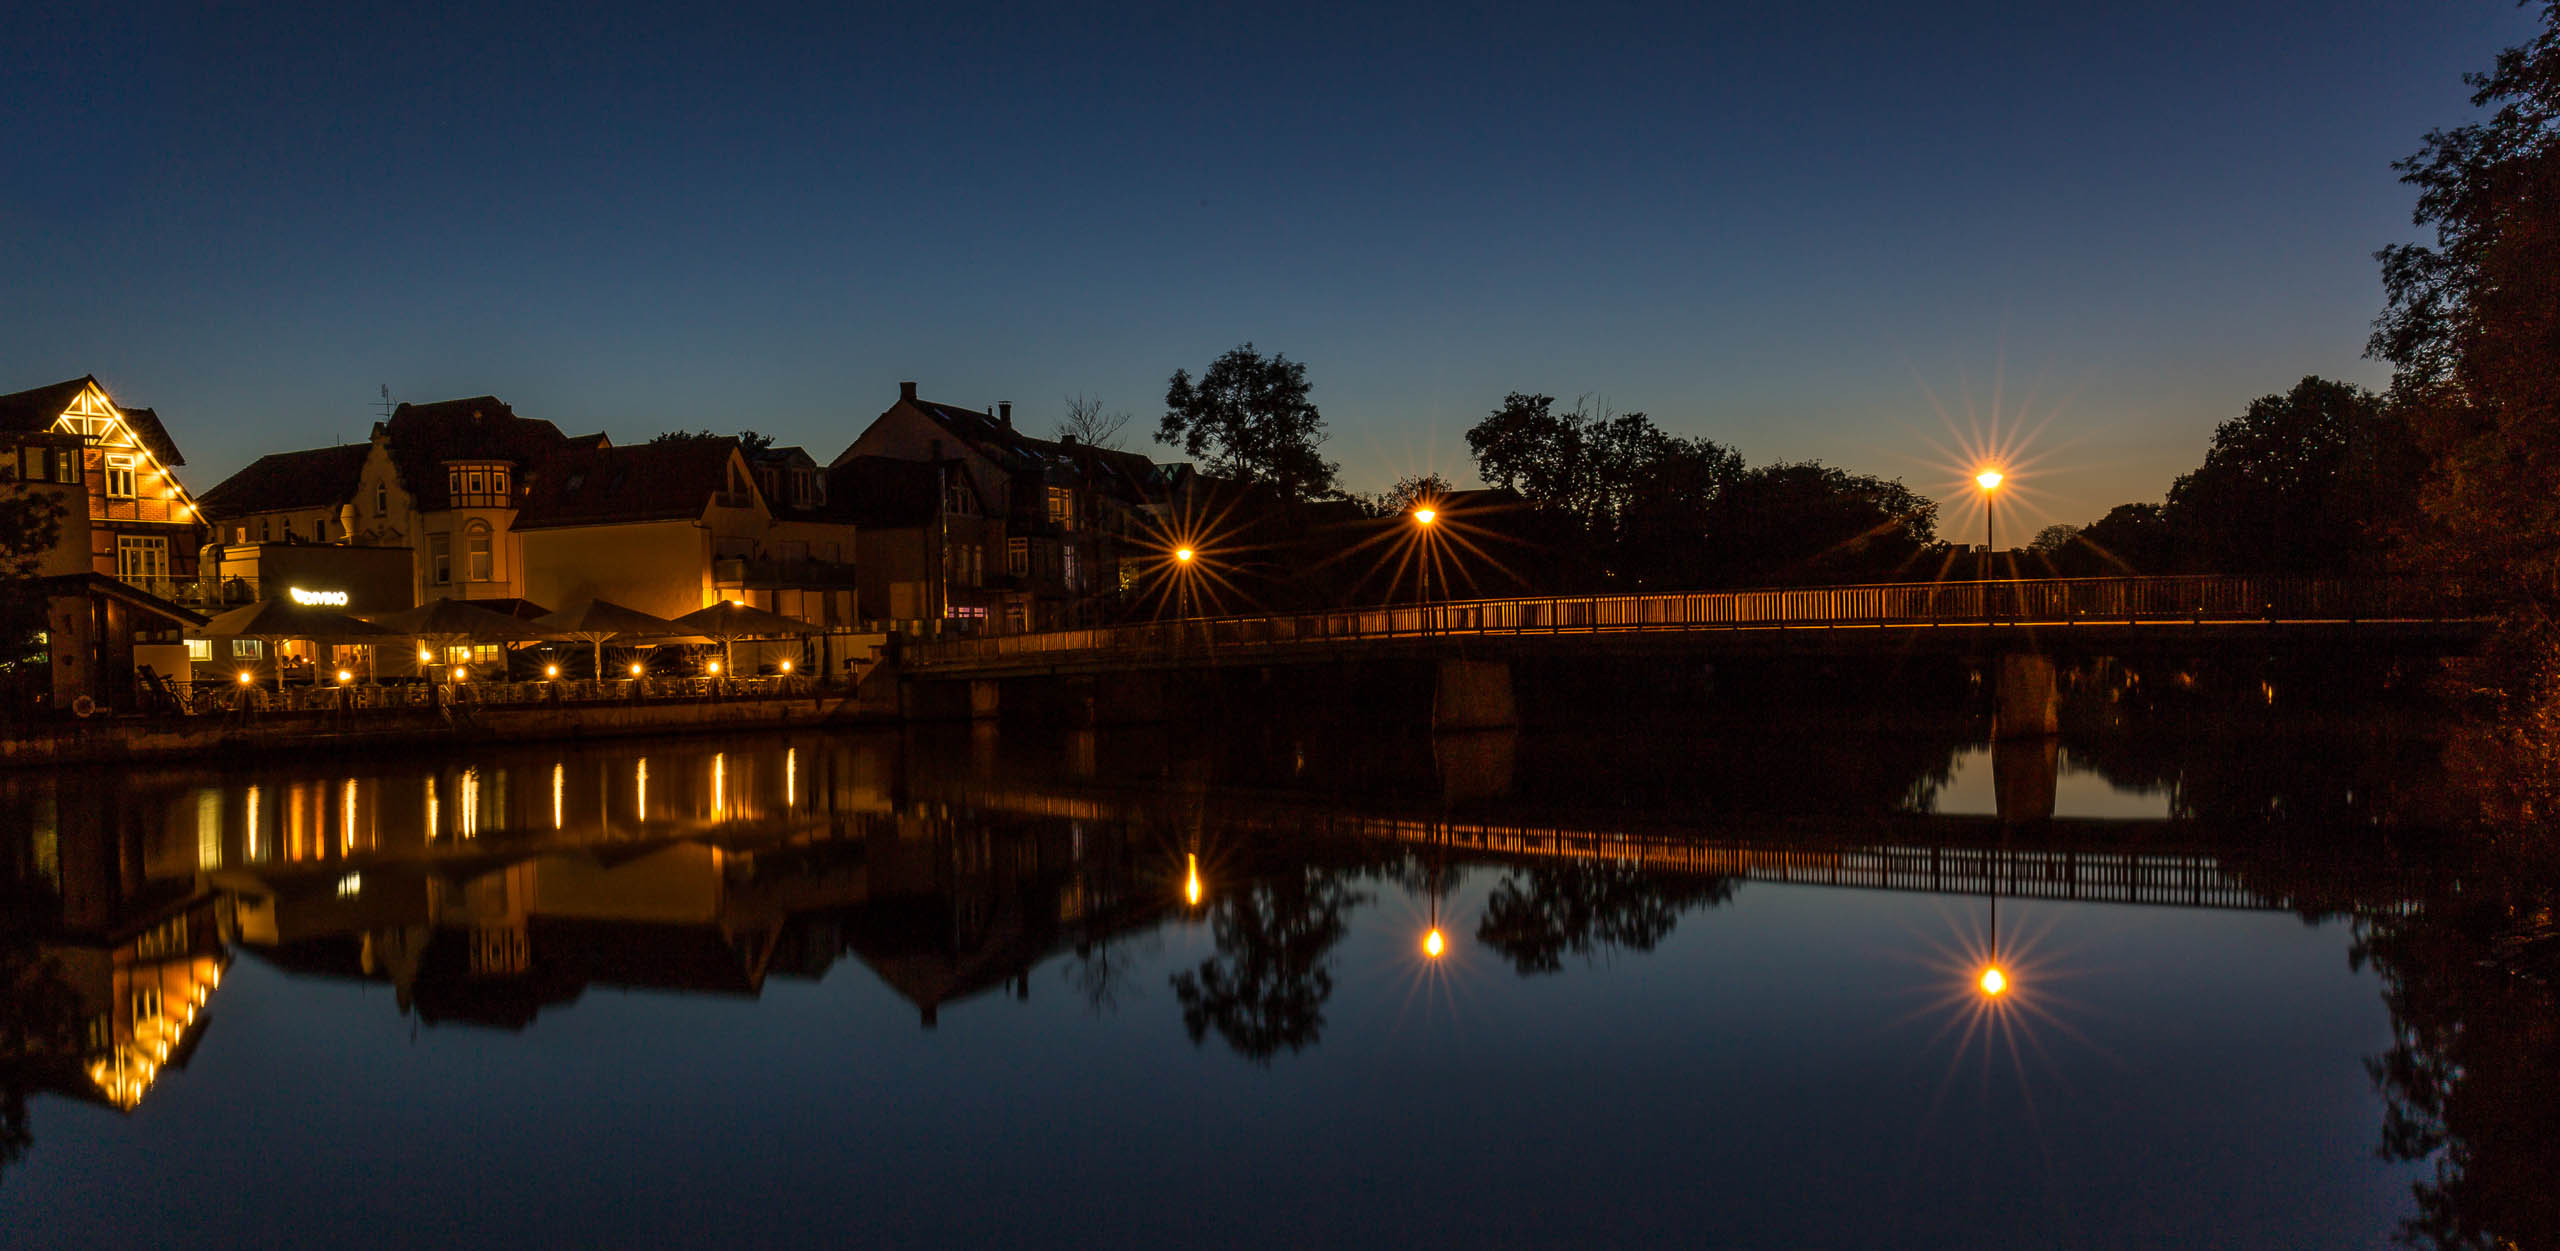 Pfennigbrücke in Celle bei Nacht